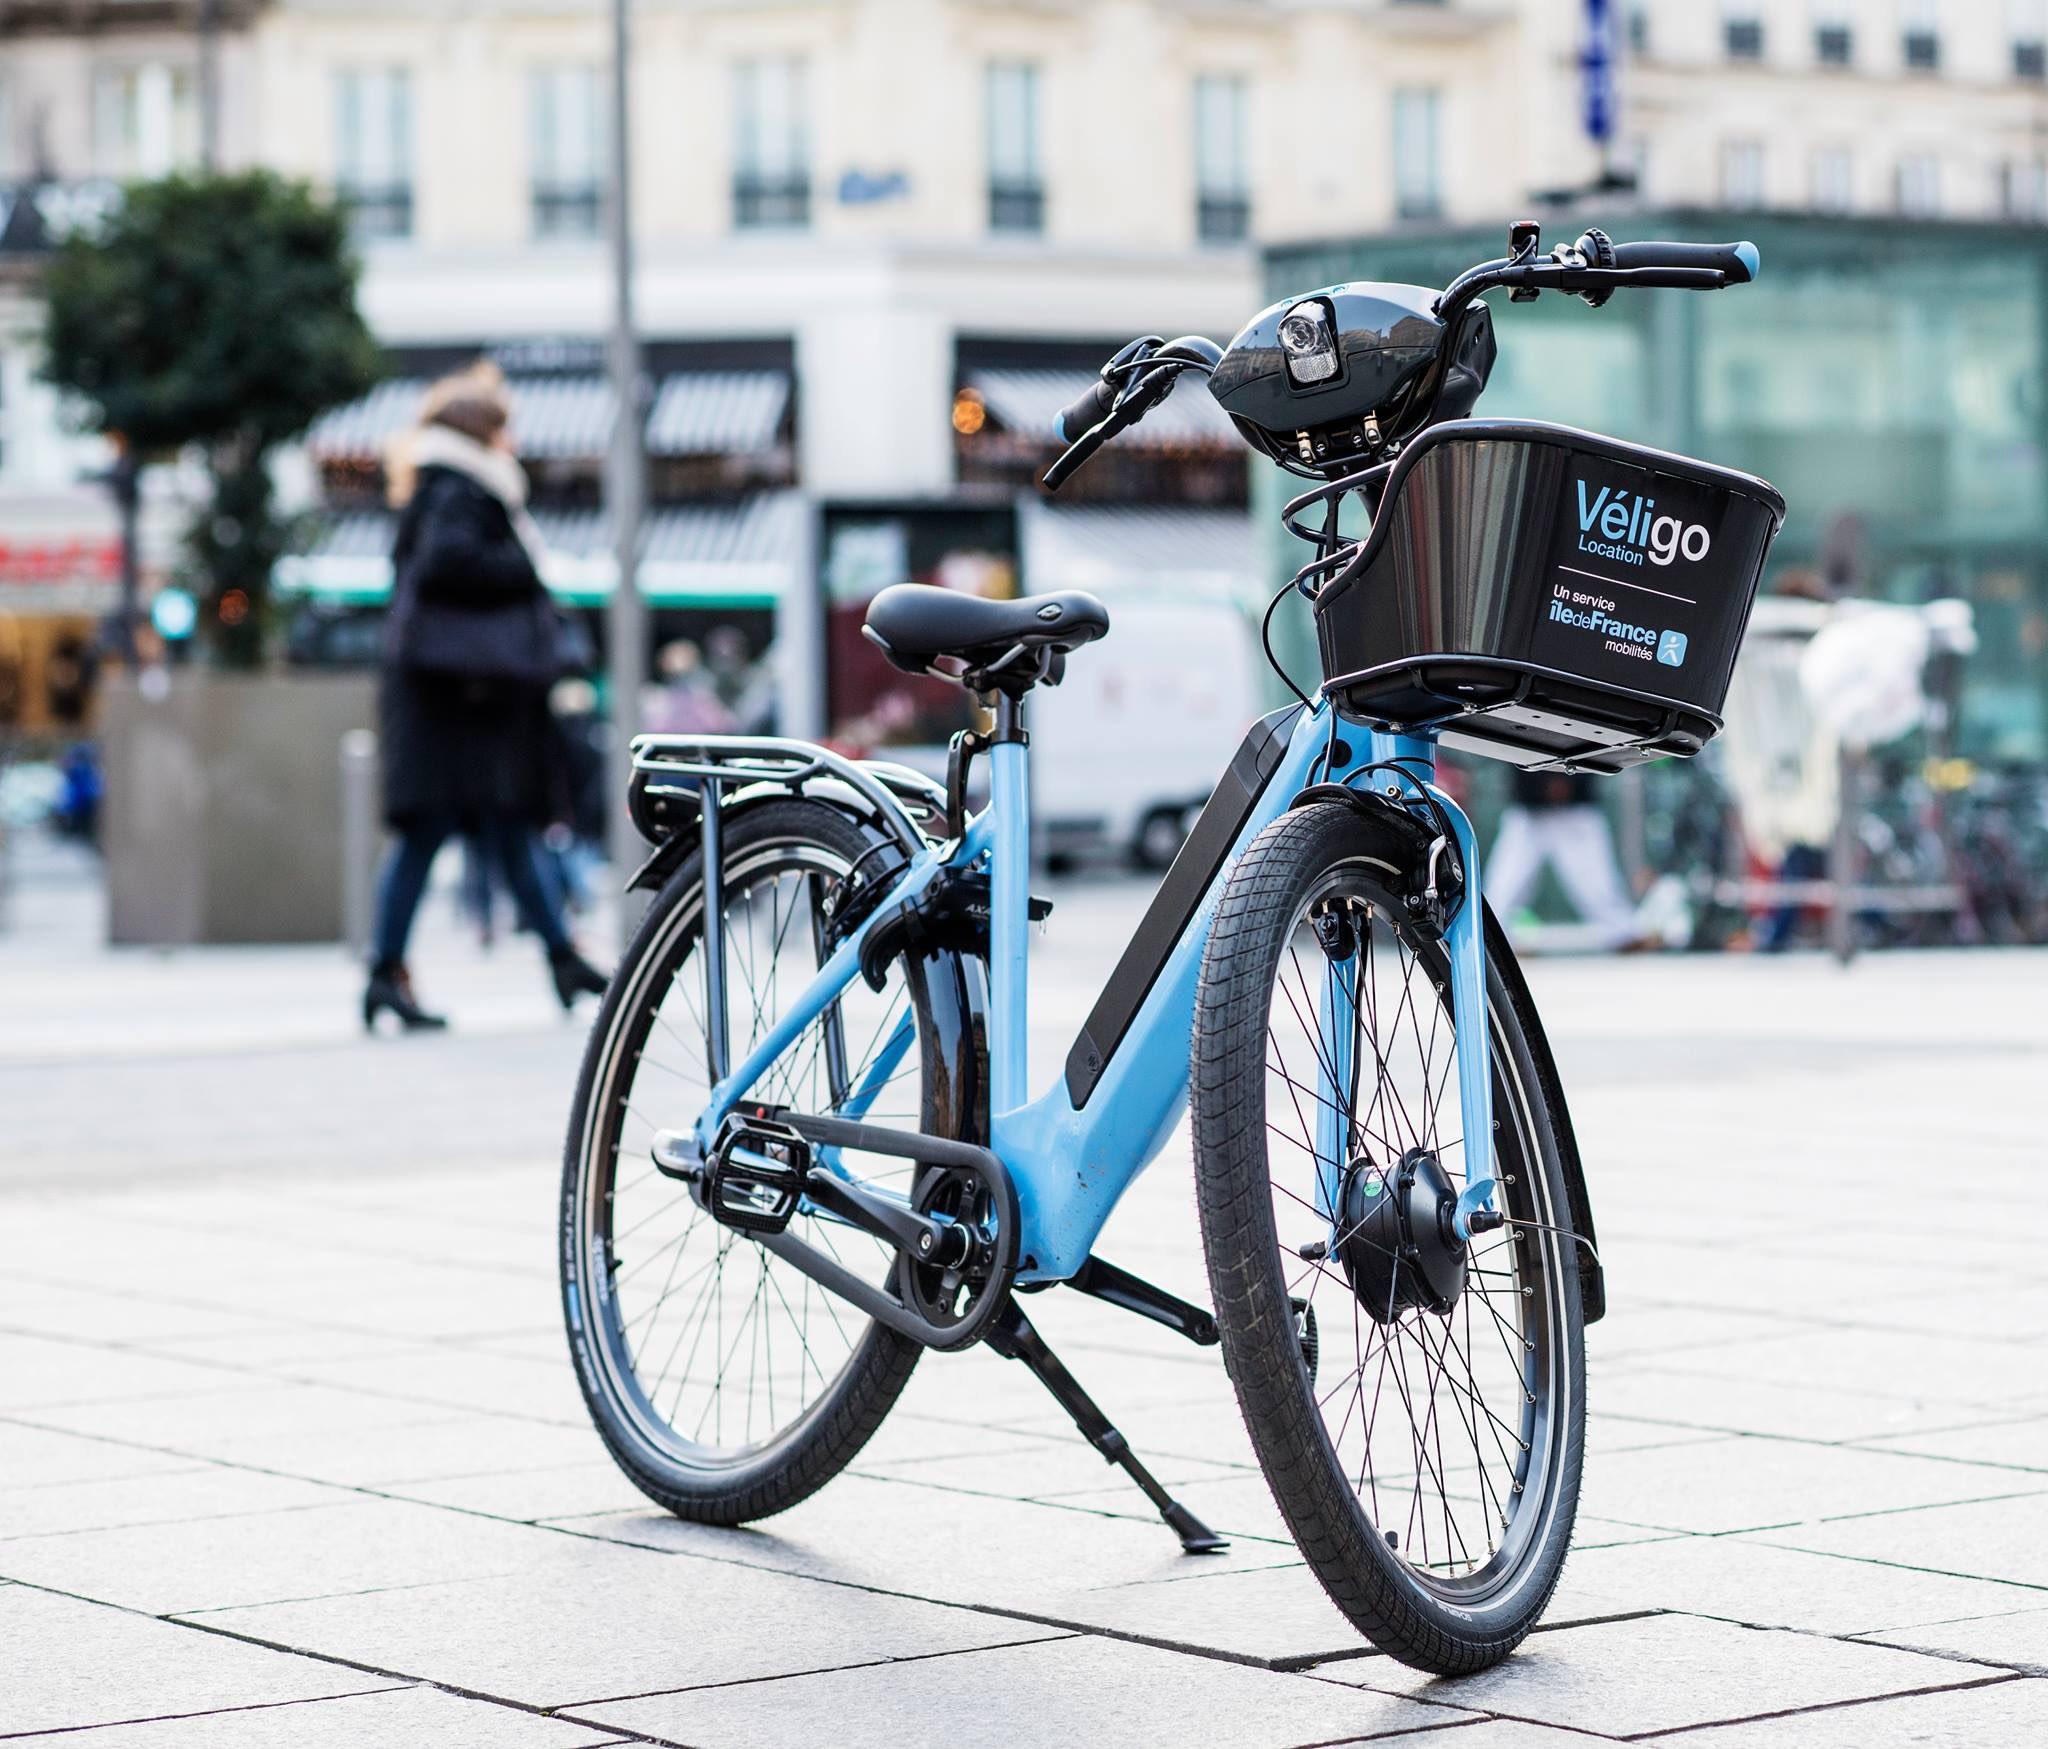 La flotte de vélos en location longue durée est un dispositif d'avenir